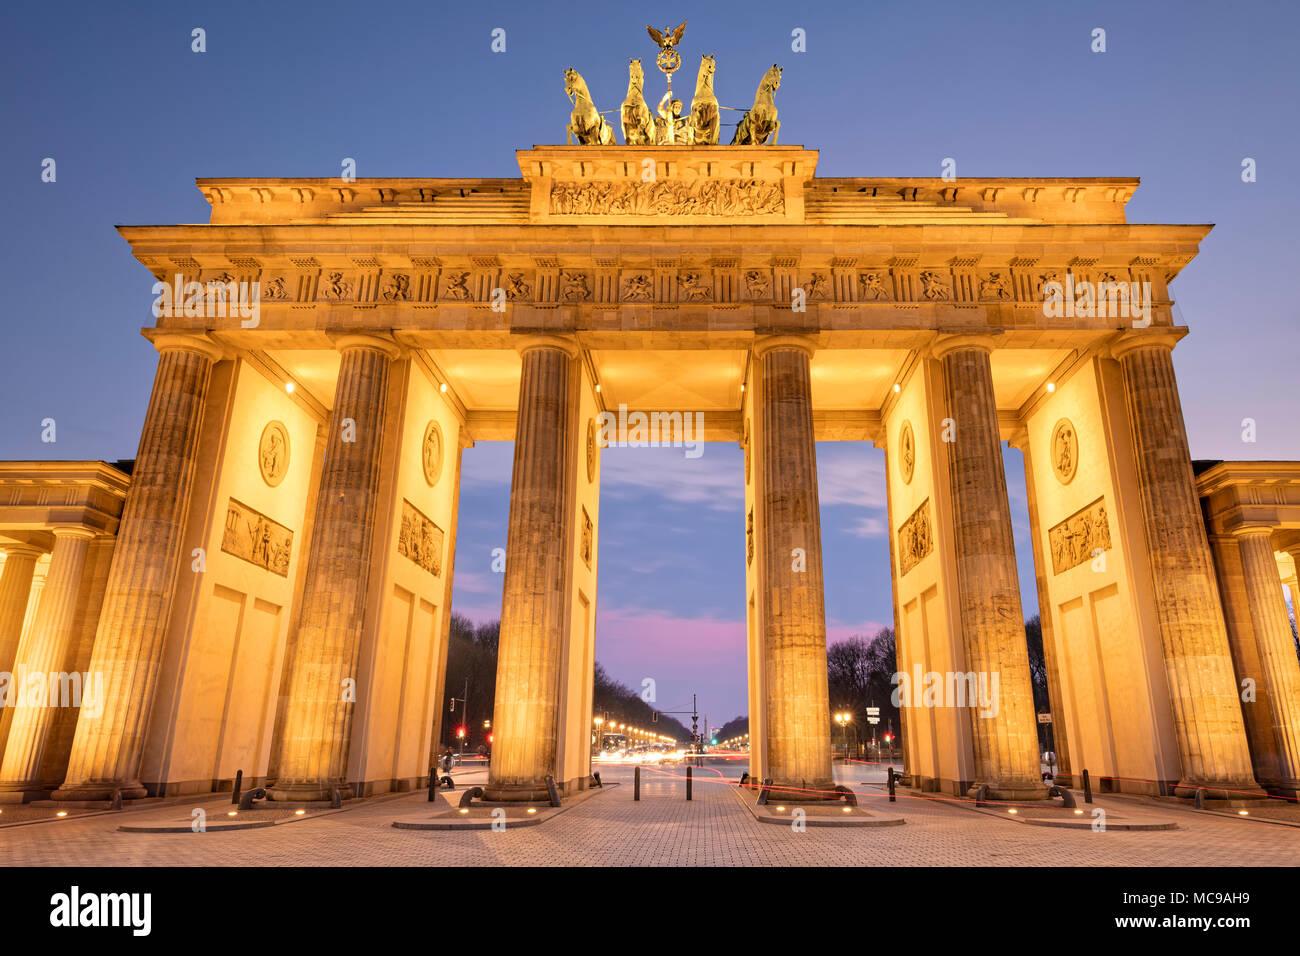 La porte de Brandebourg est un 18ème siècle classé monument historique de style néoclassique situé à l'ouest de Pariser Platz dans la partie ouest de Berlin. Banque D'Images